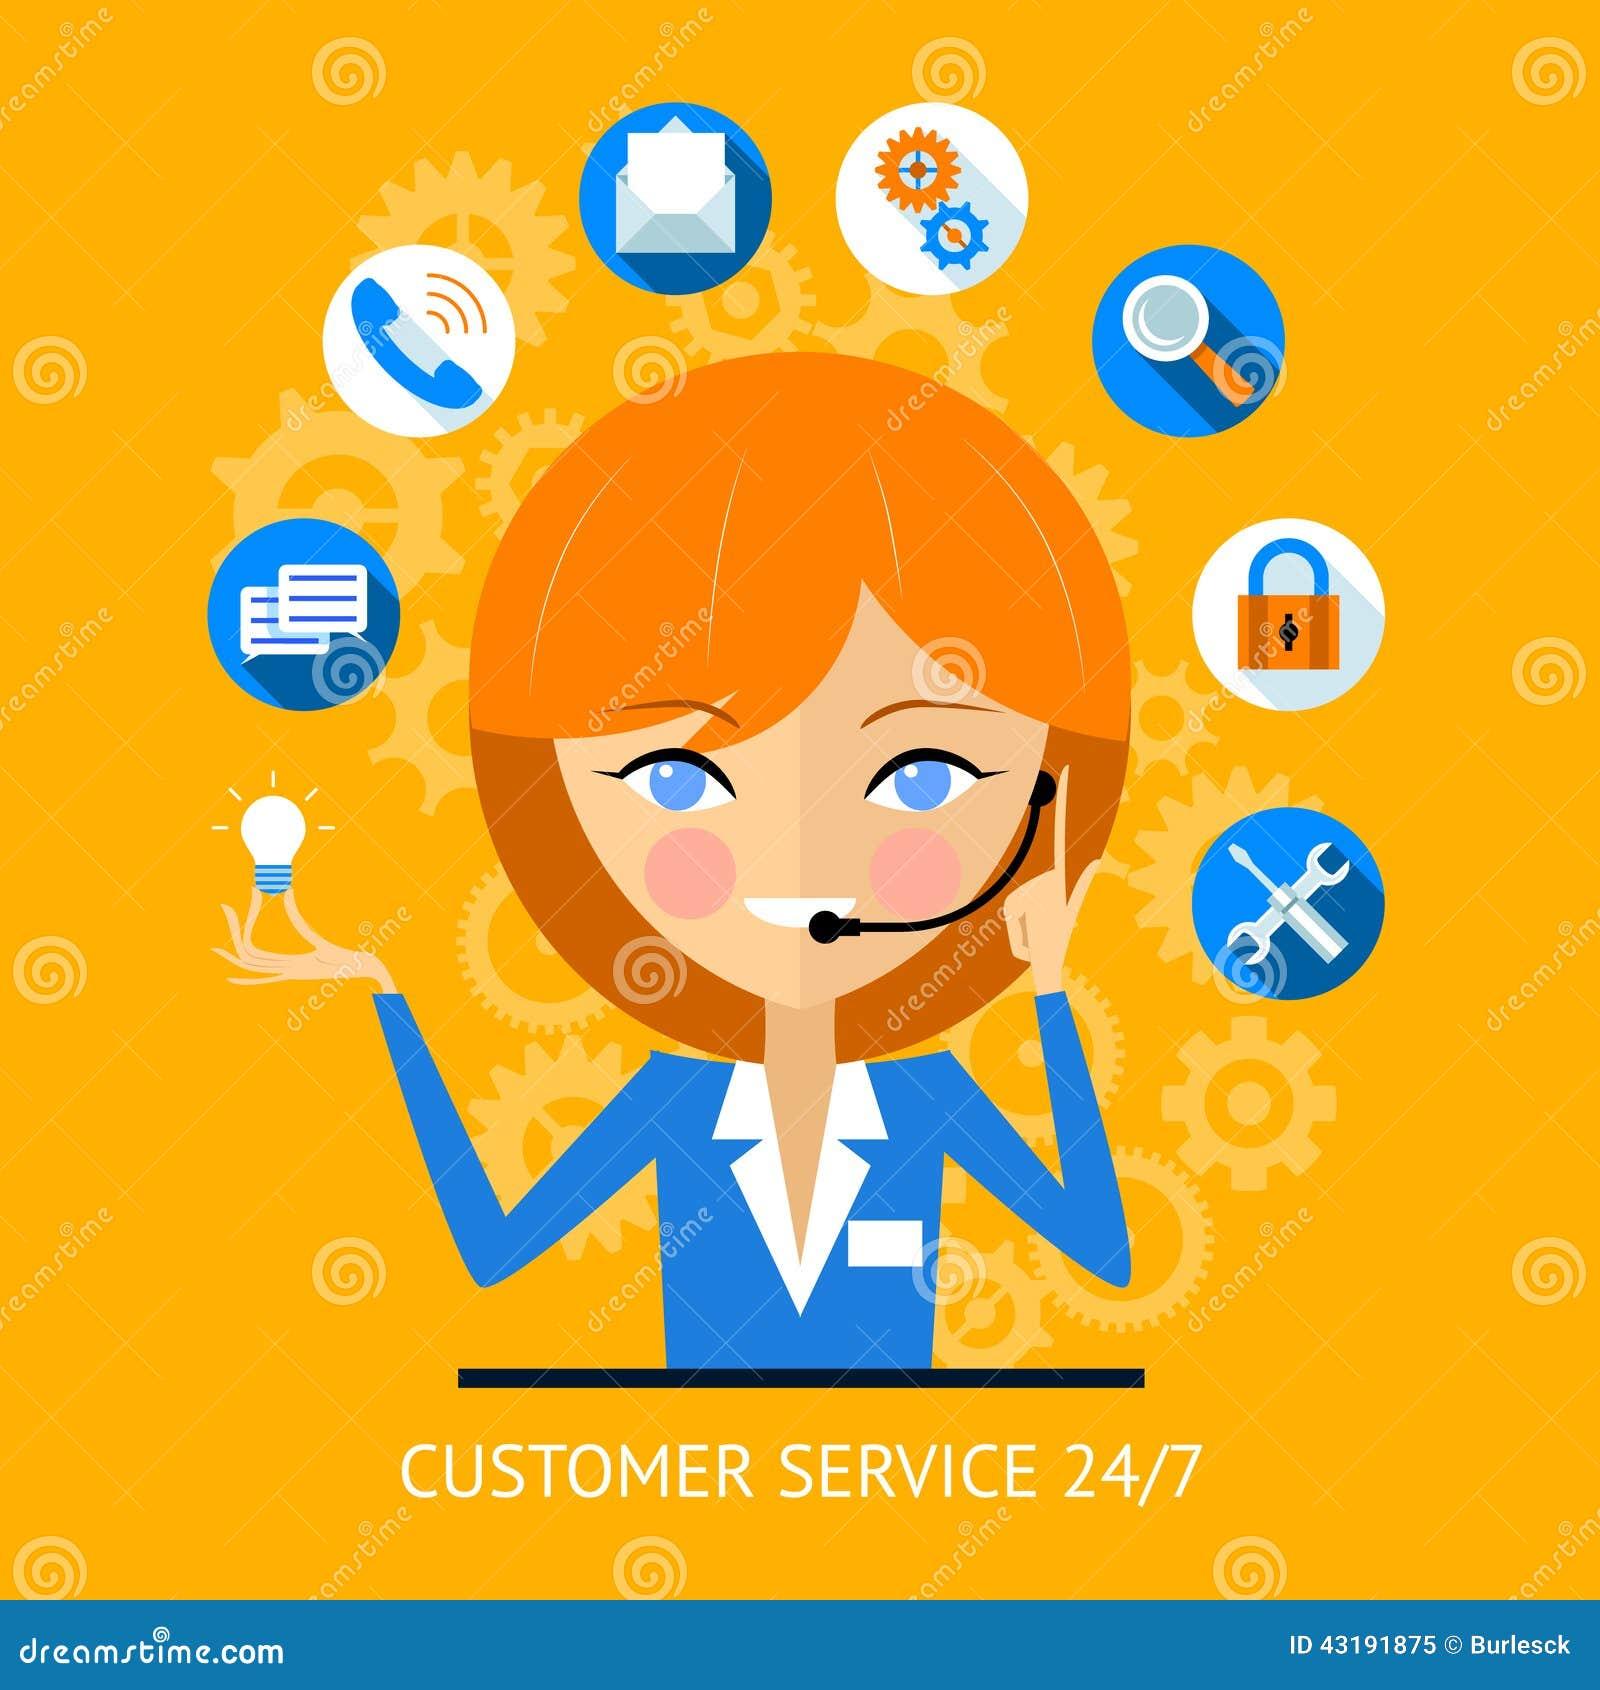 445ead8cfd Customer Service Icon Of A Call Center Girl Stock Vector ...